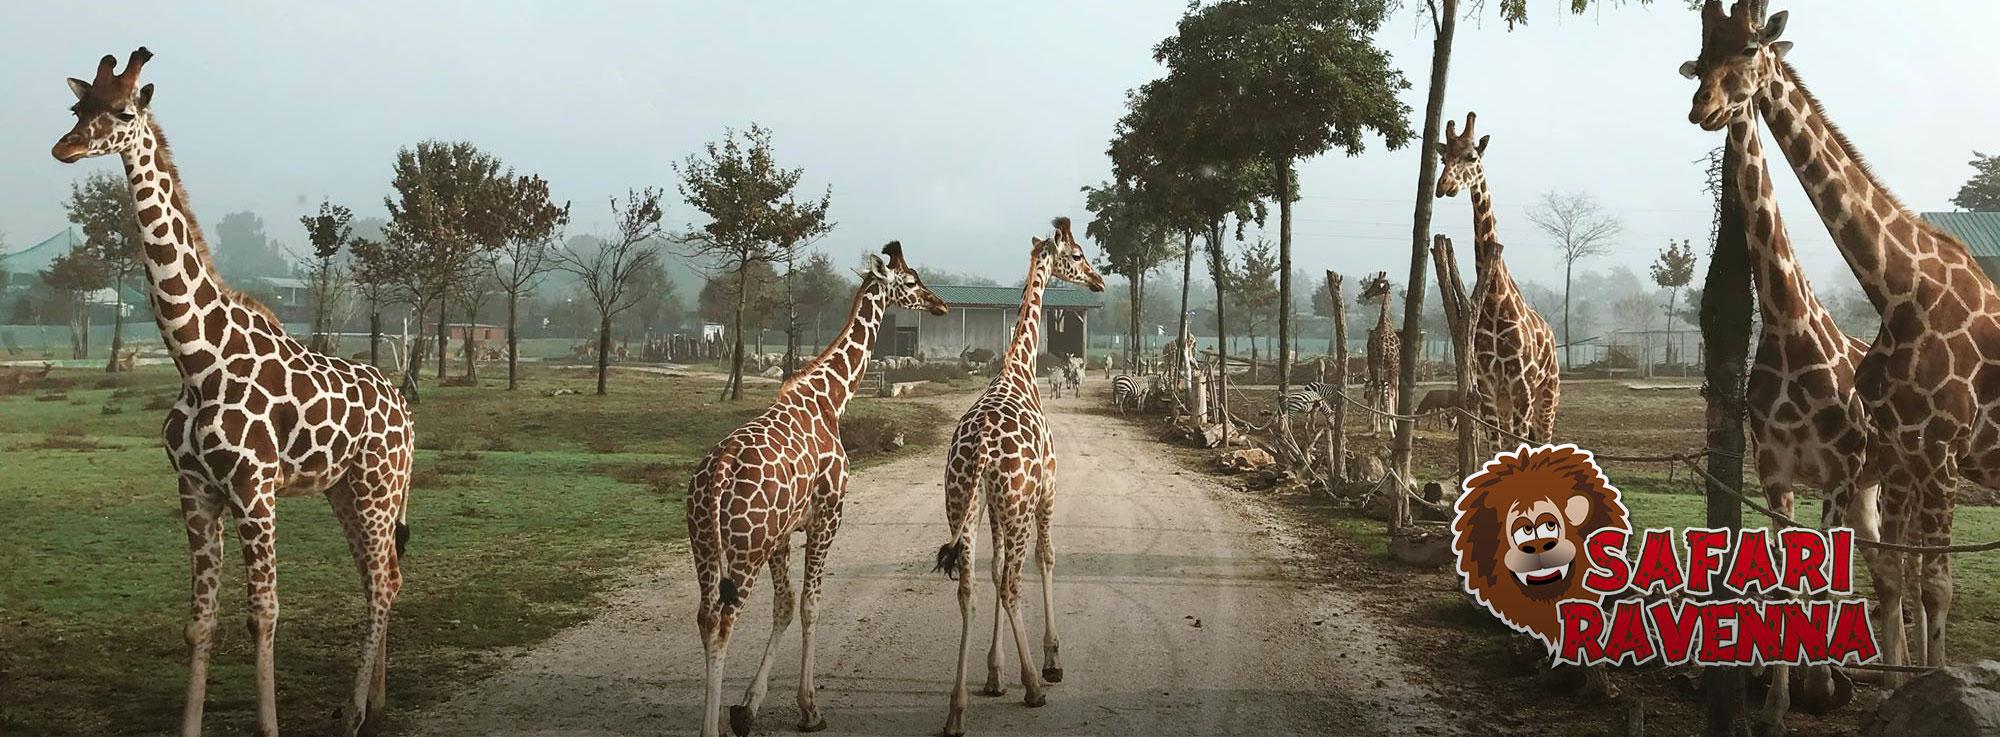 Safaripark Ravenna Ravenna